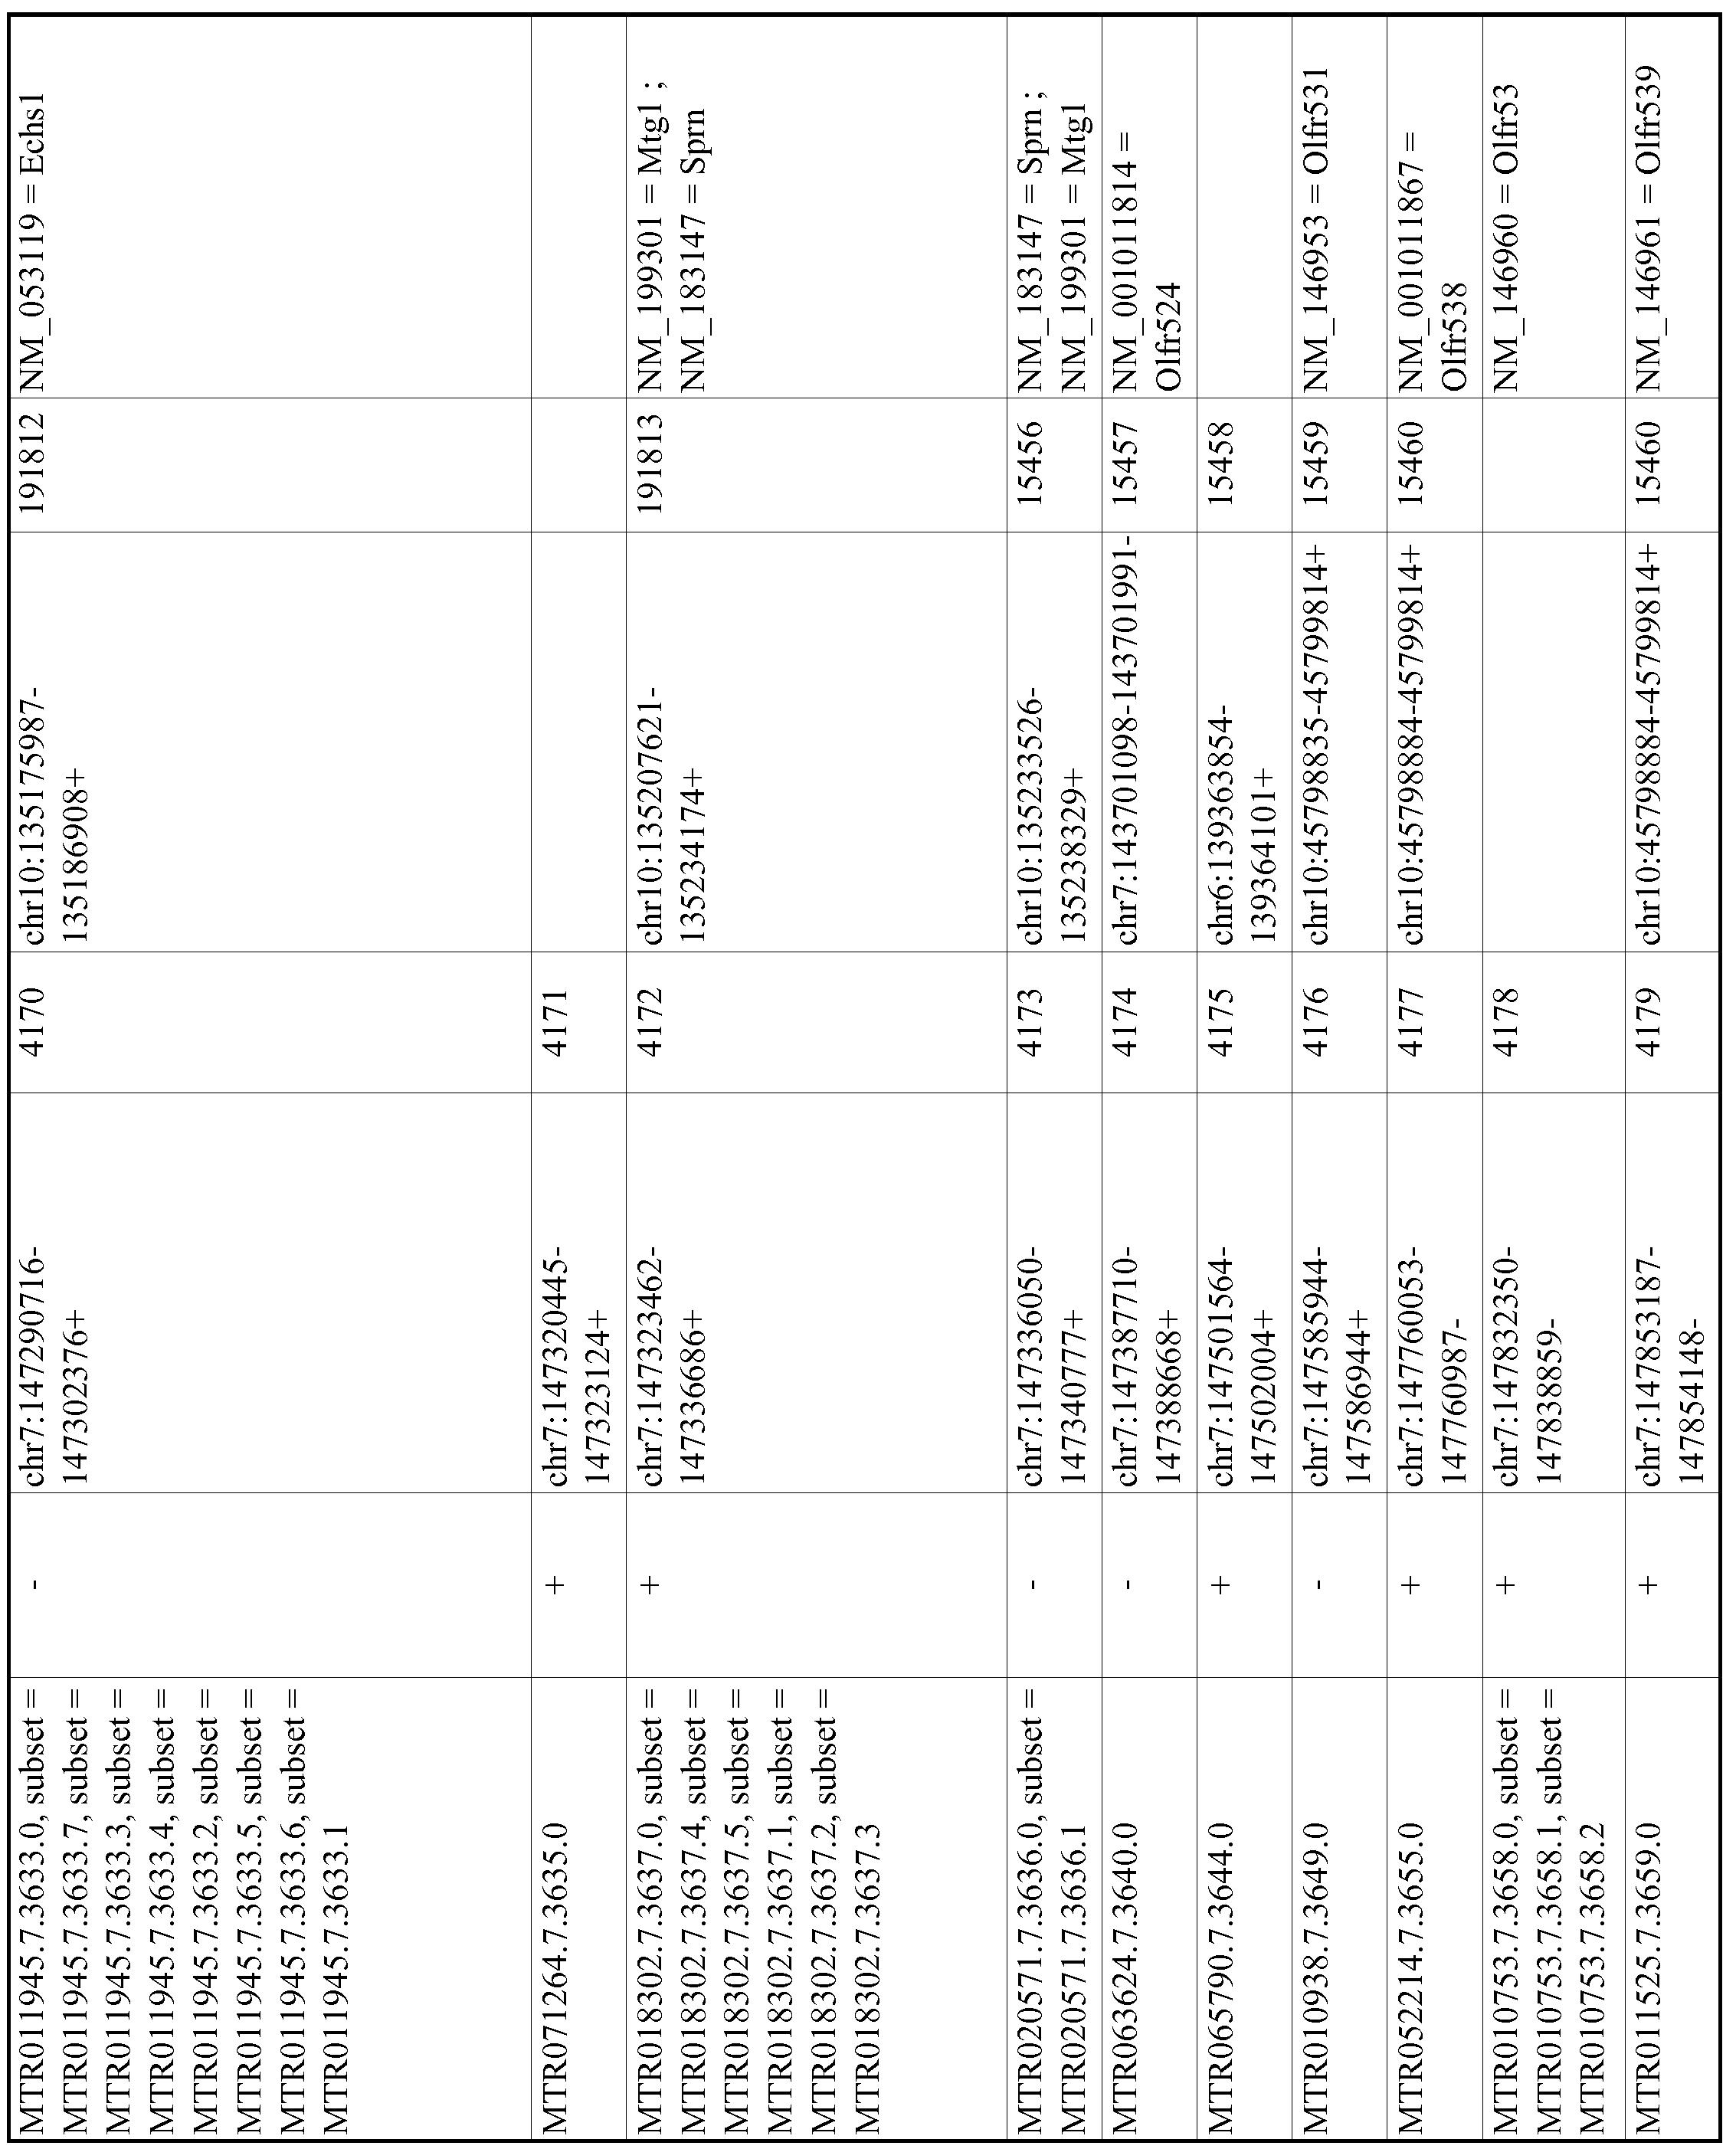 Figure imgf000789_0001